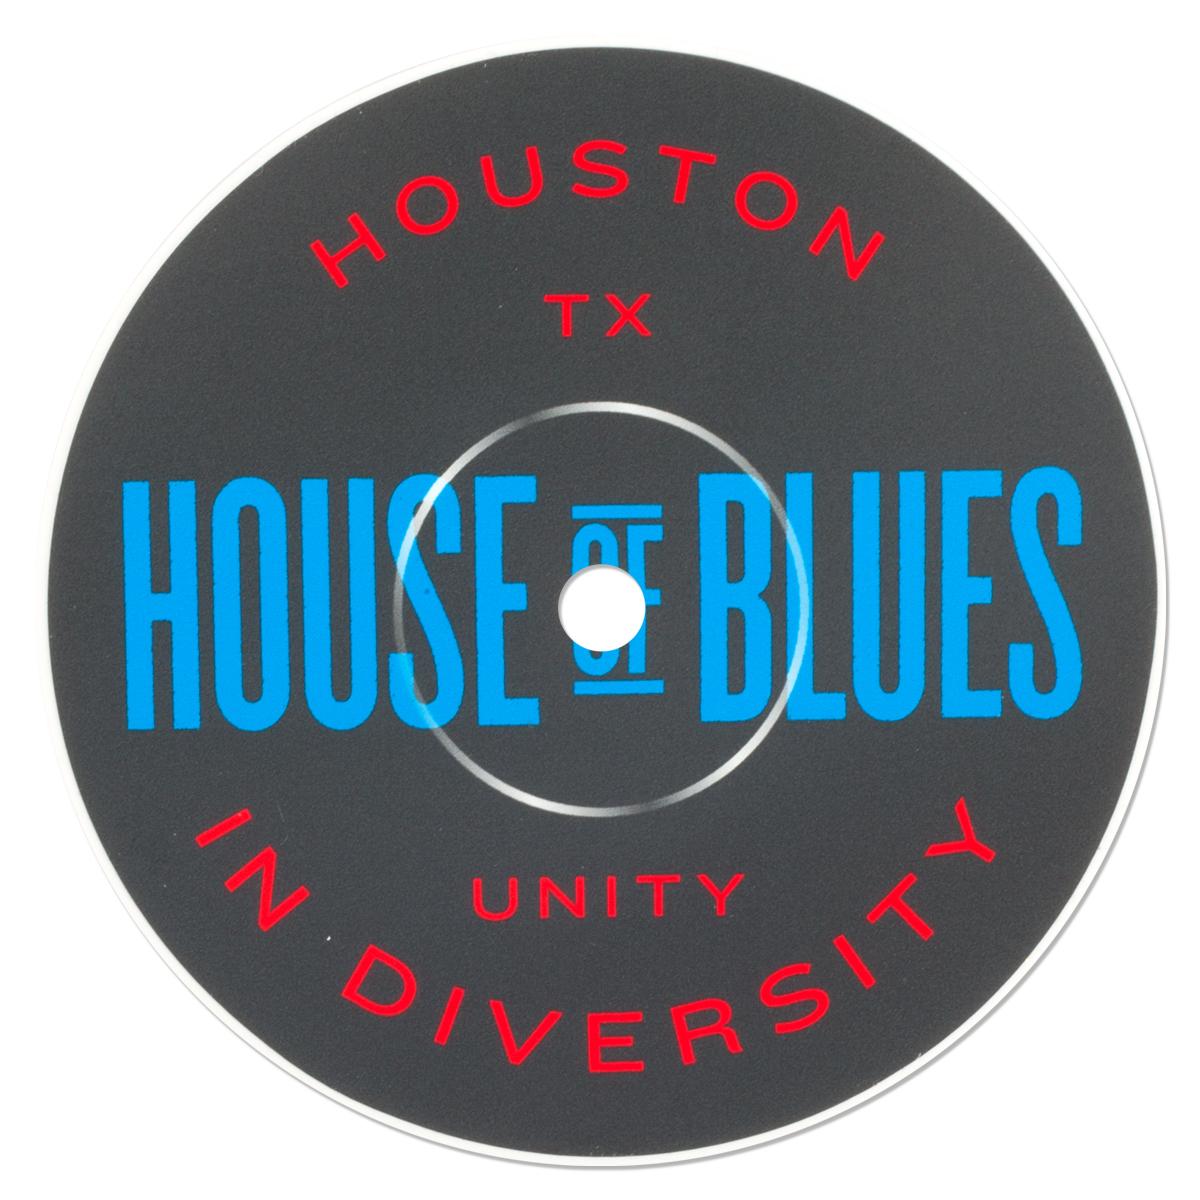 Record Label Sticker - Houston